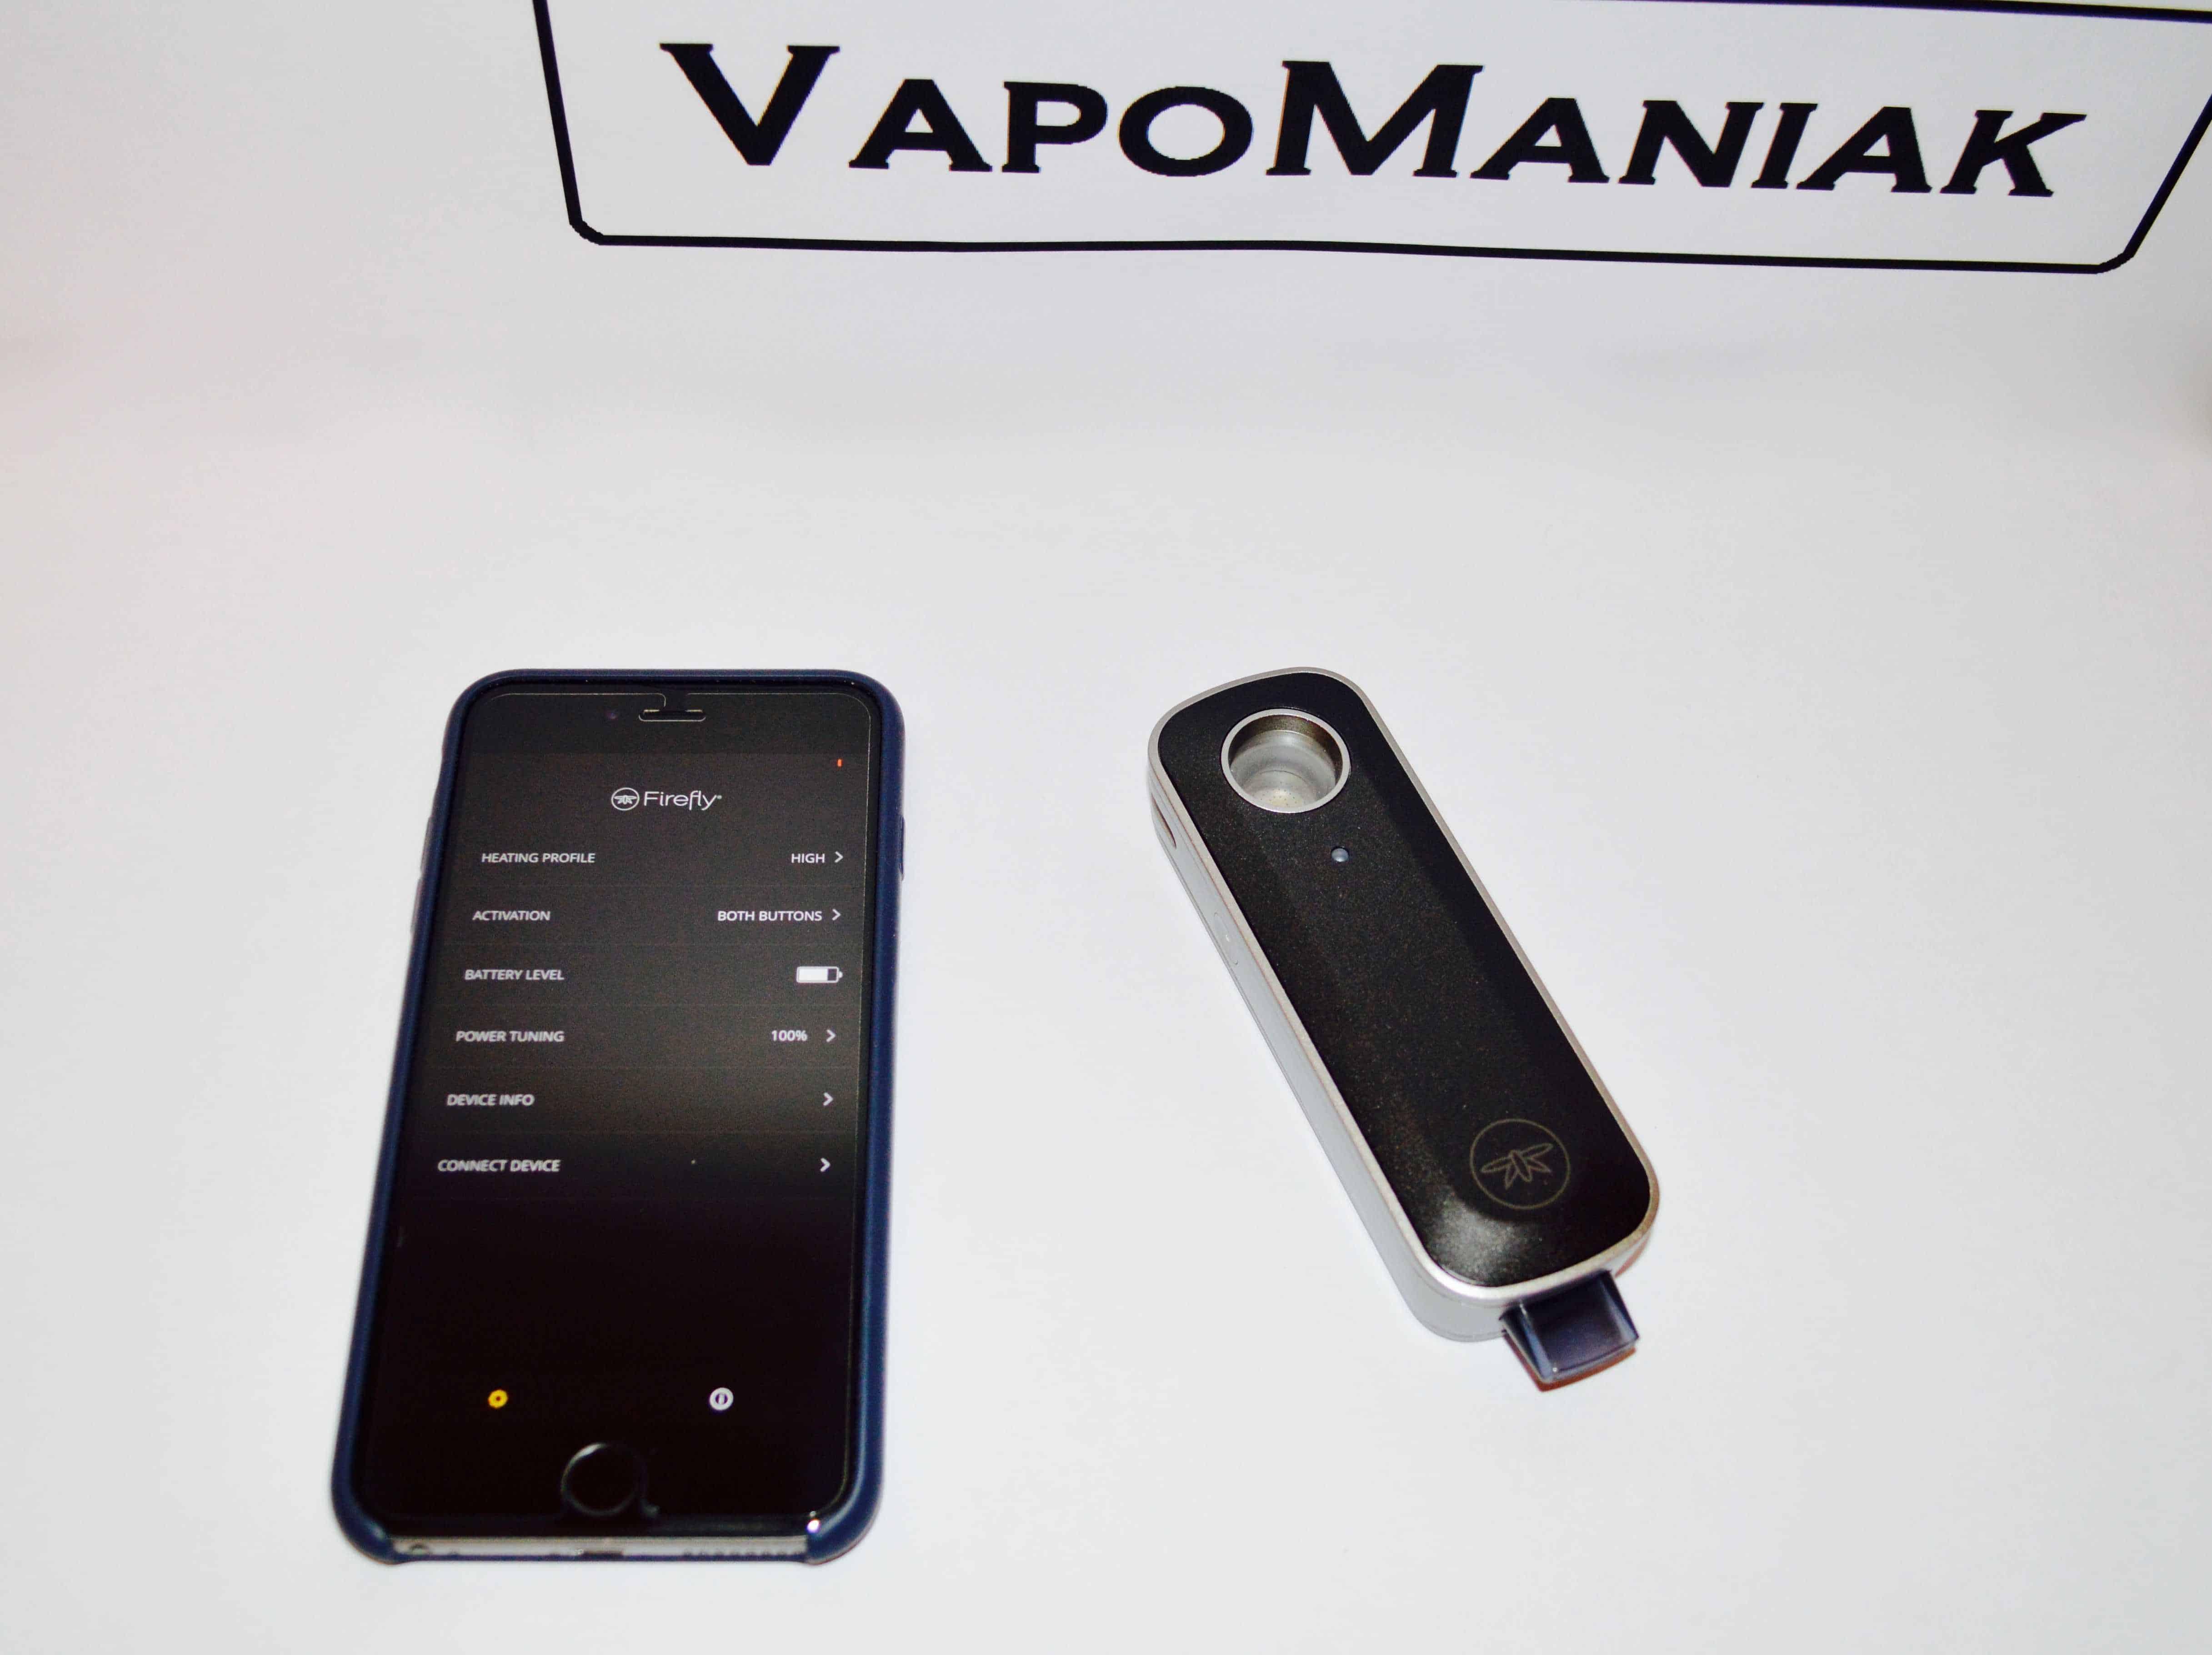 Wszystkie funkcje Firefly 2 Vaporizer są dostępne jedynie z poziomu aplikacji.